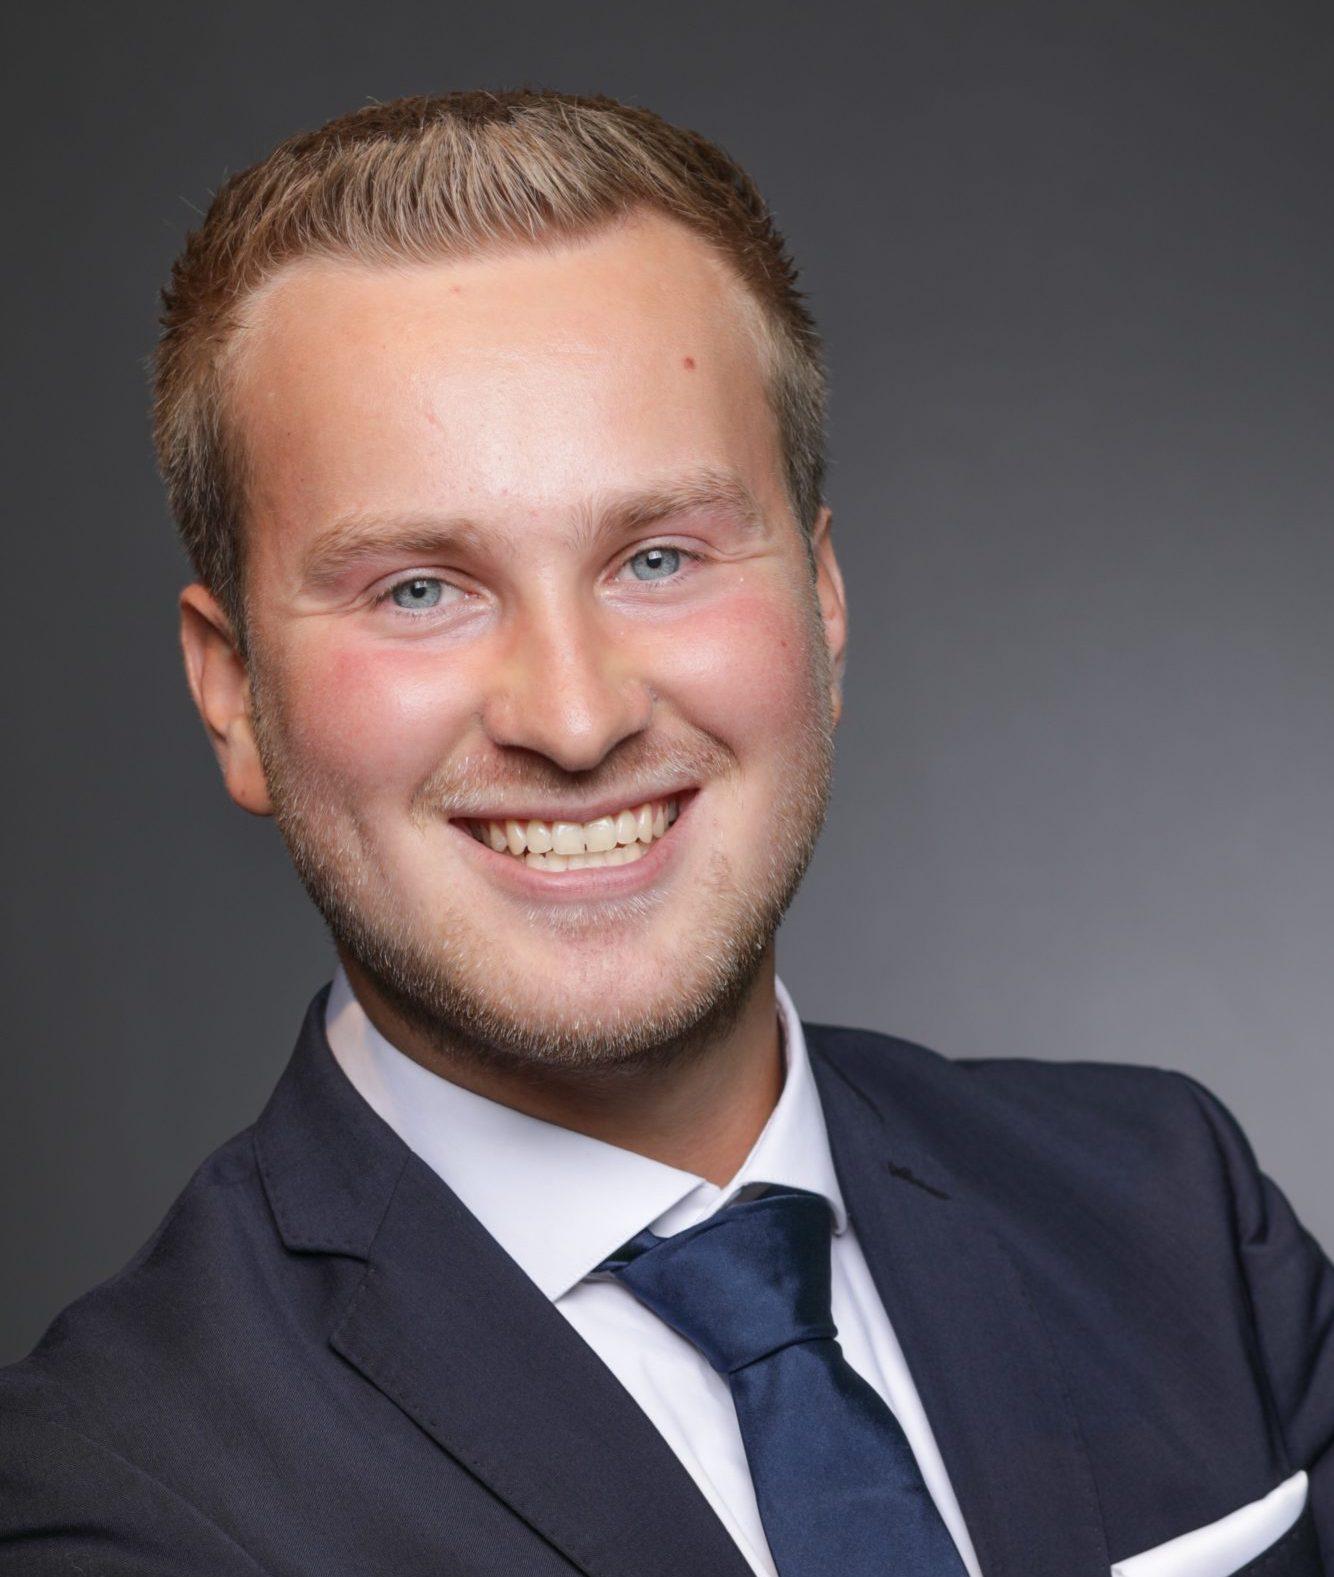 Fabian Wasserthal